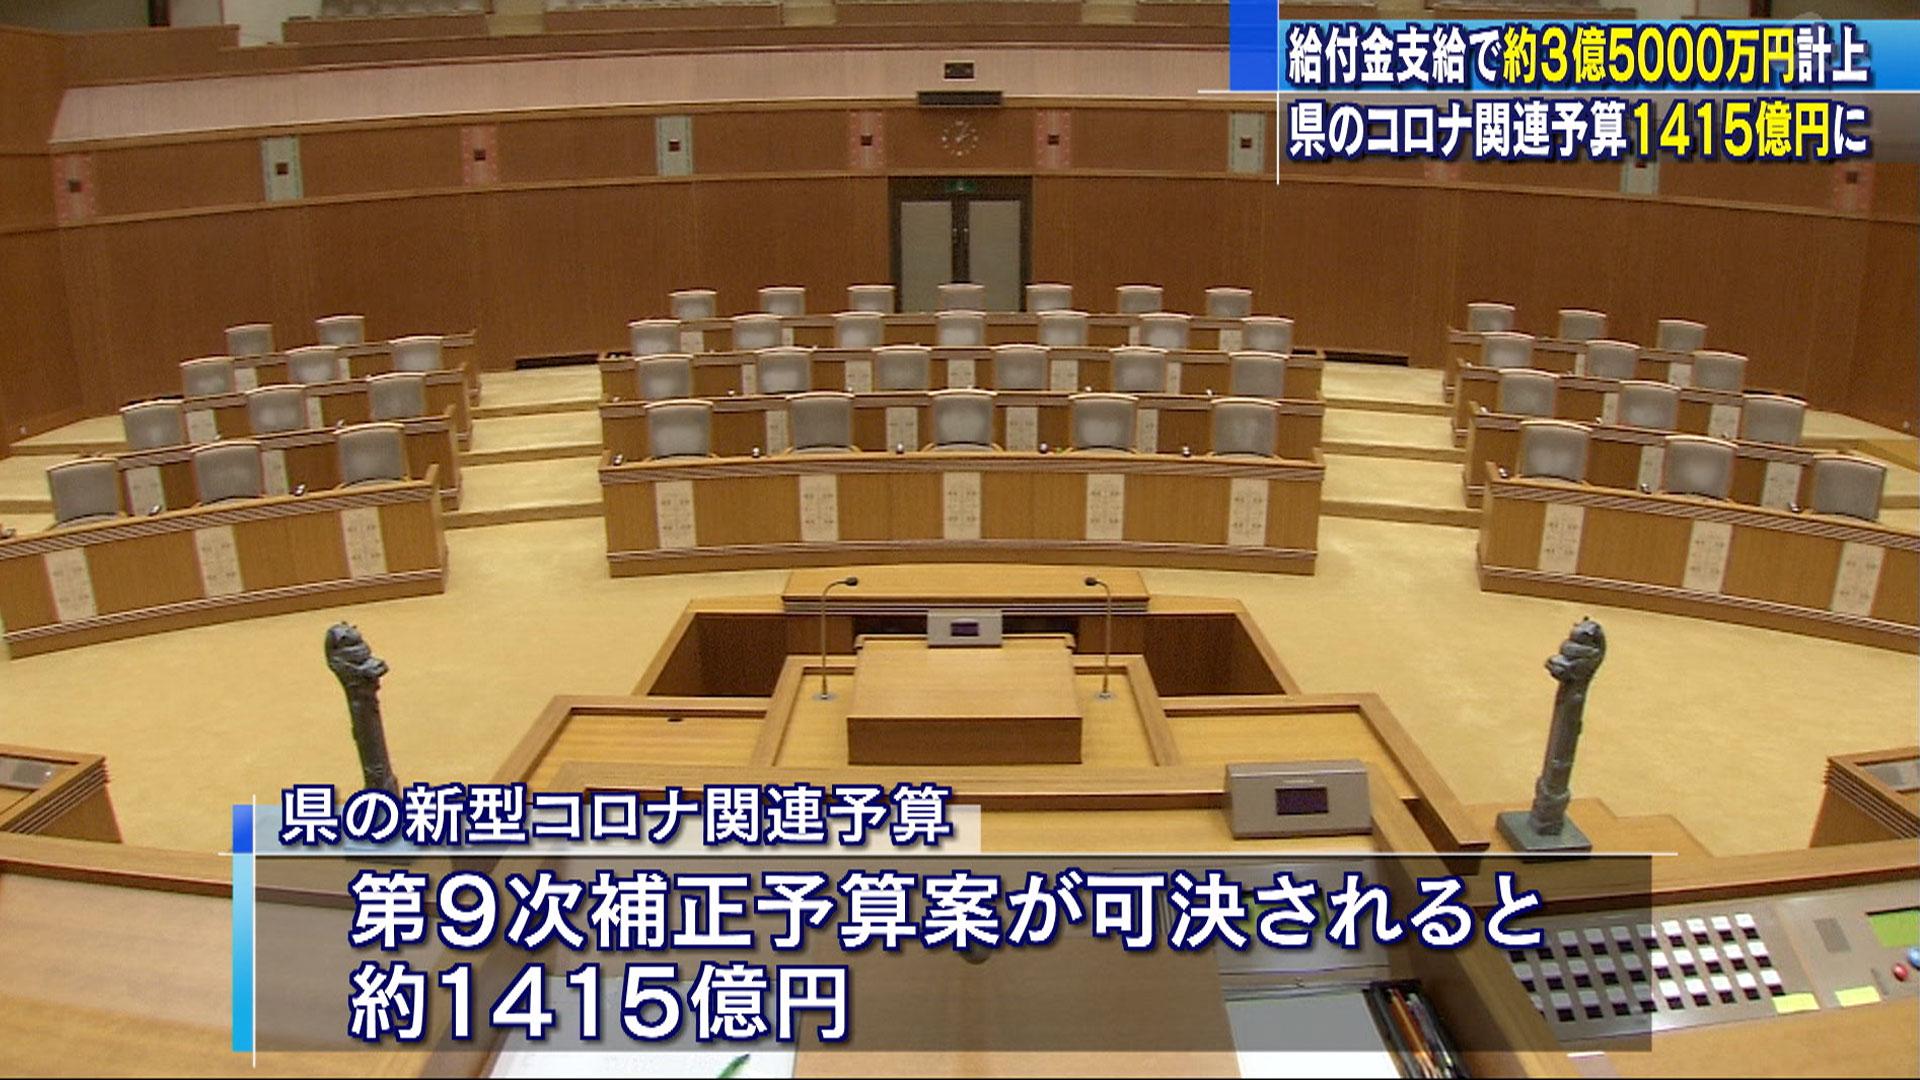 沖縄県がコロナ関連で第9次補正予算案を提出